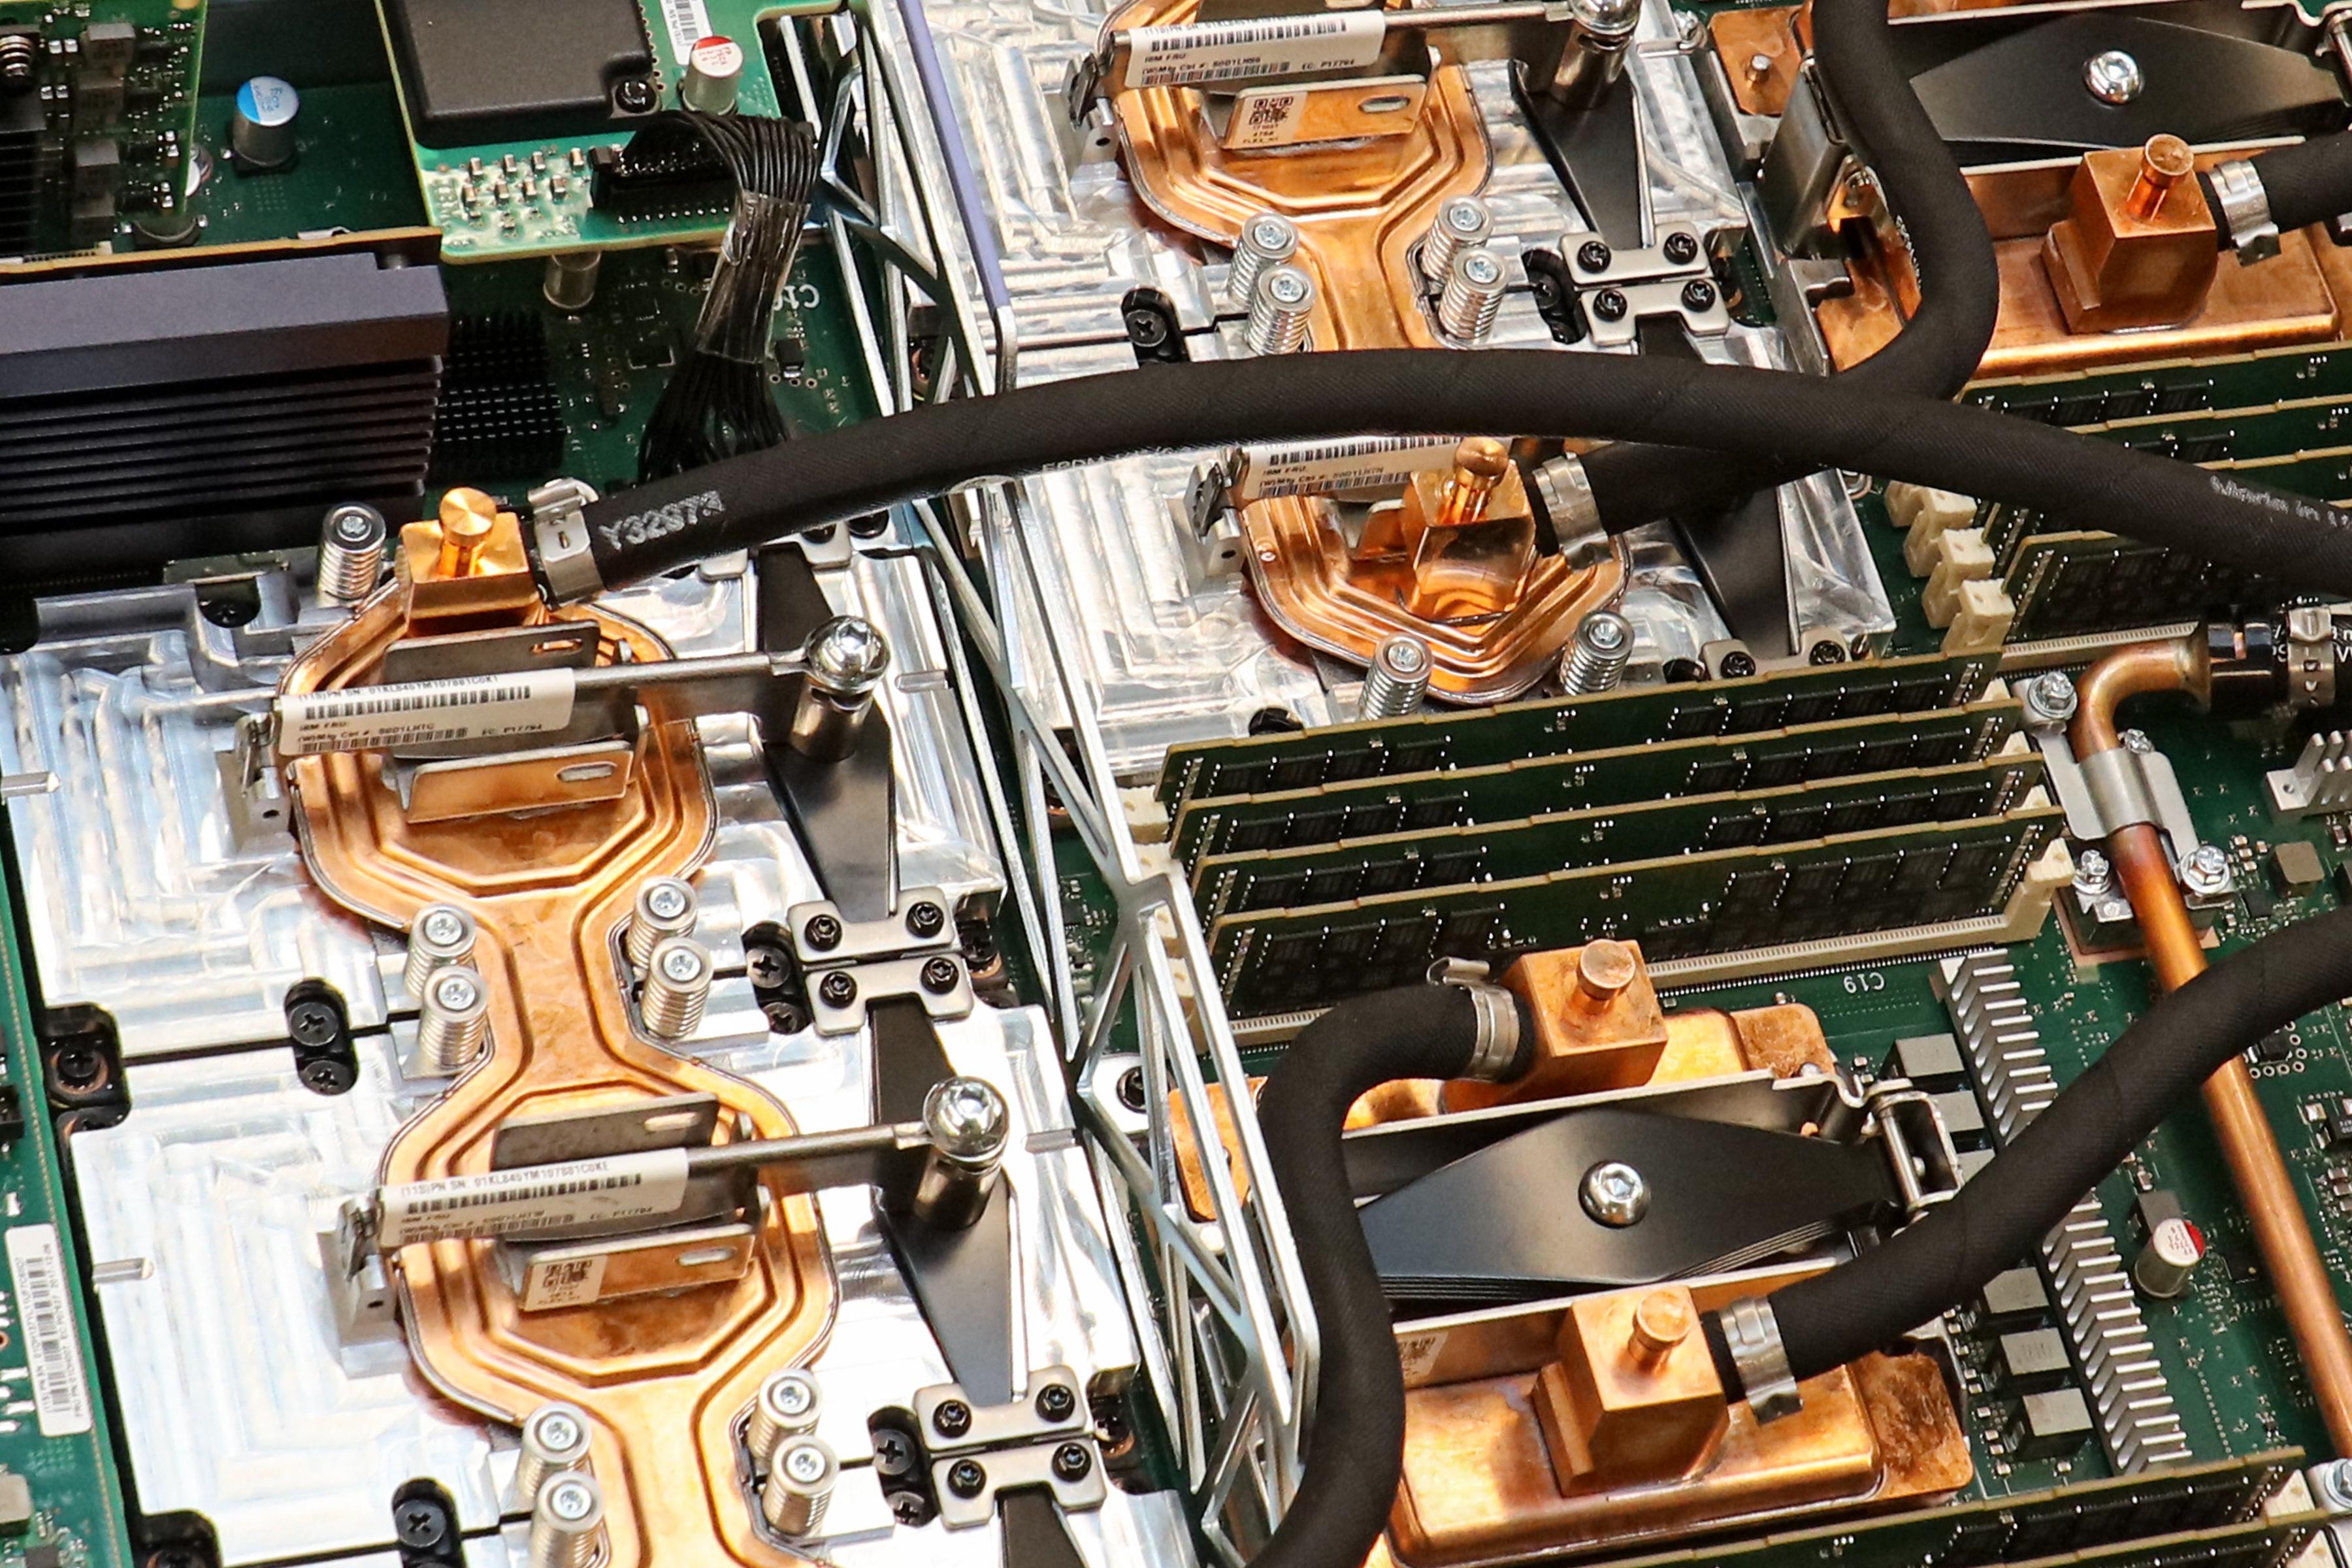 美公布全球最快超级计算机 性能是神威太湖之光近2倍的照片 - 2